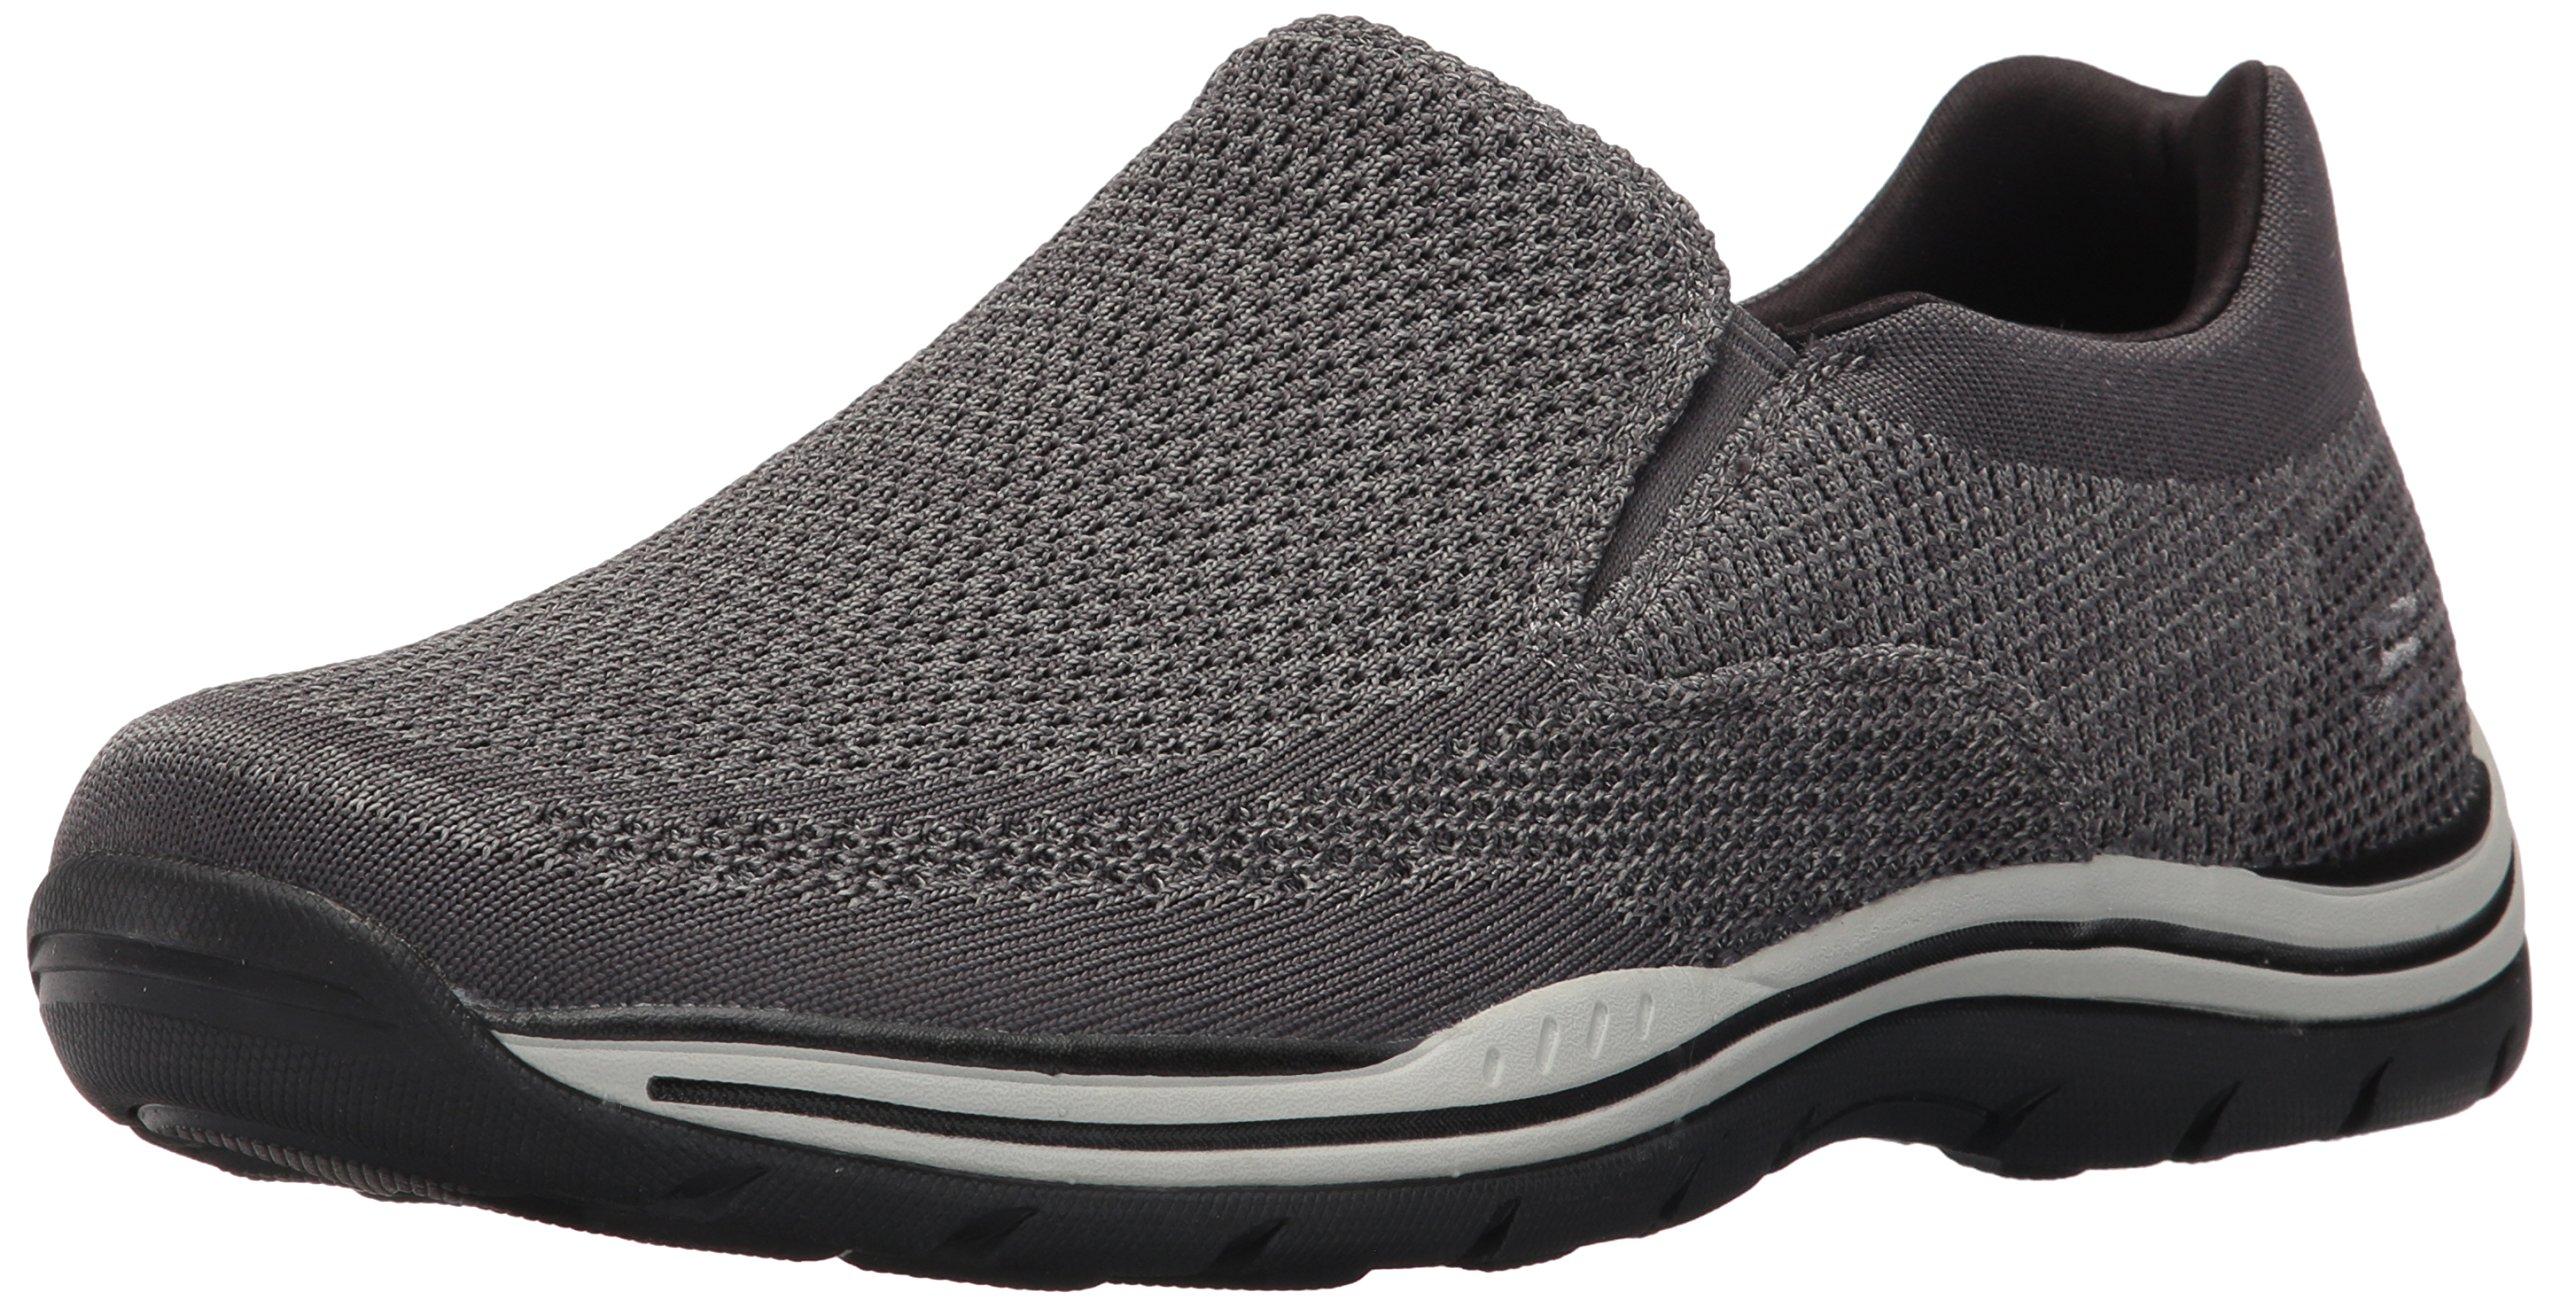 Skechers USA Men's Expected Gomel Slip-on Loafer, Gray, 10.5 M US